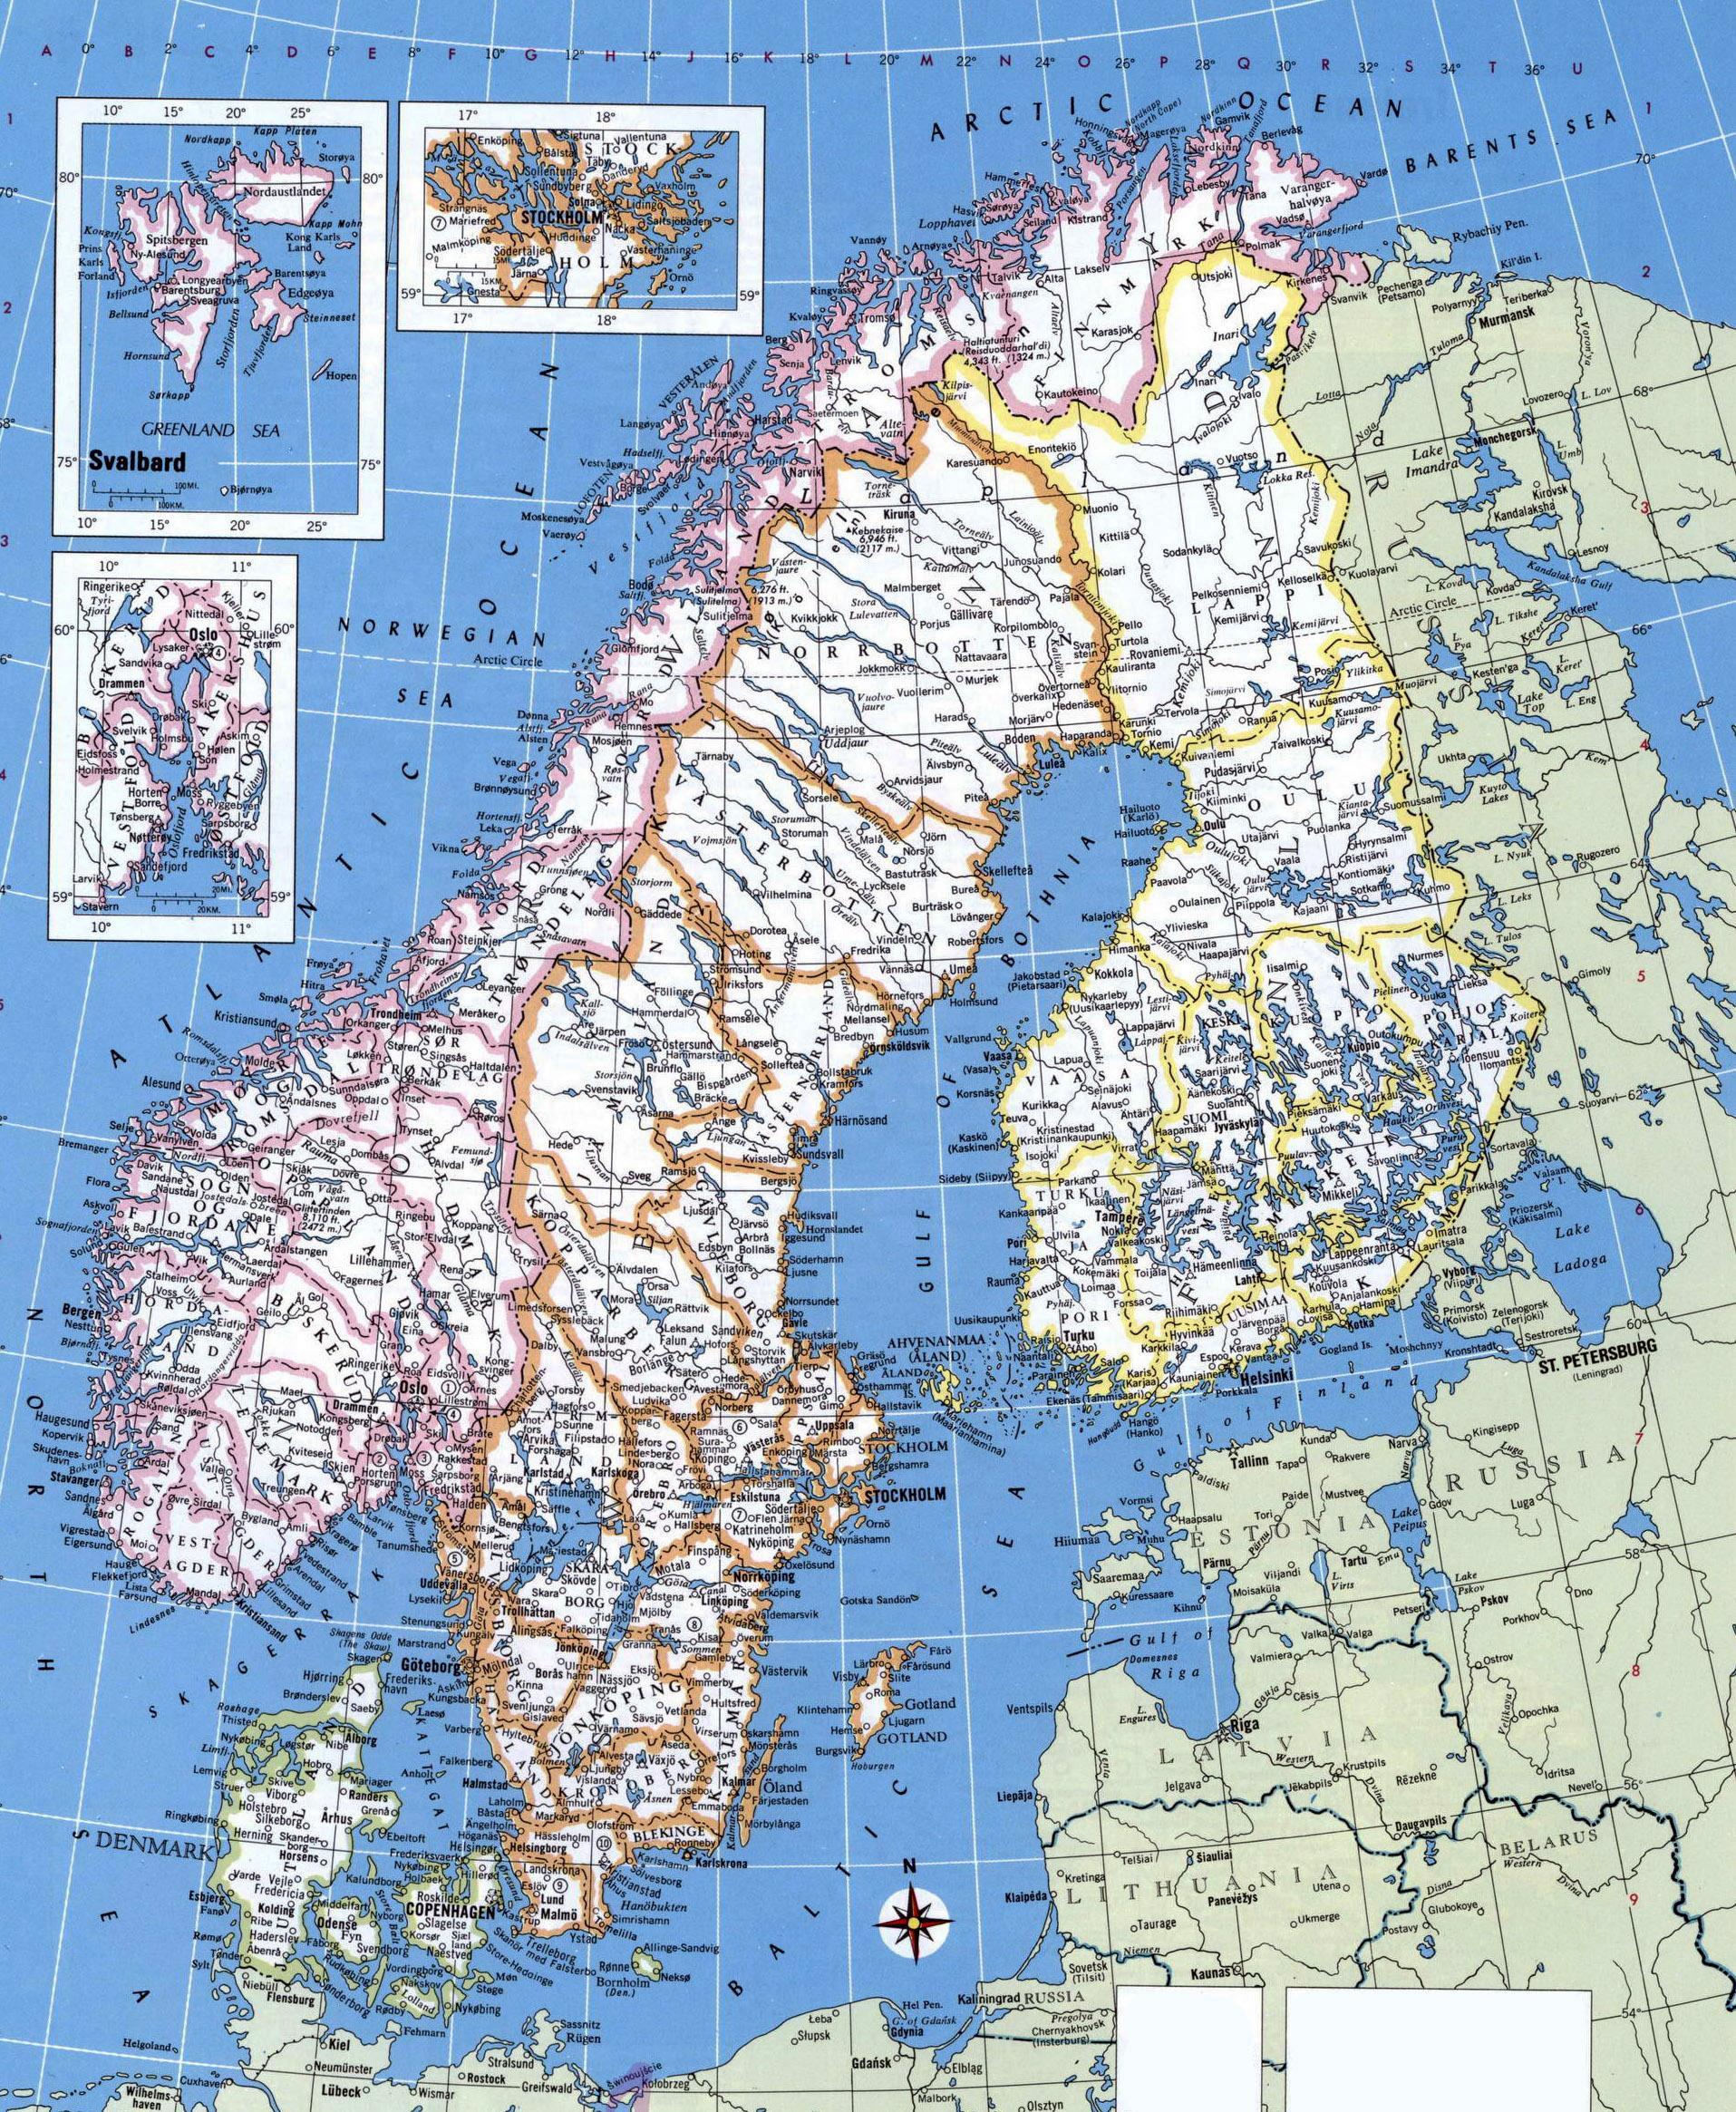 Detaljeret Kort Over Norge Kort Med Detaljerede Norge I Det